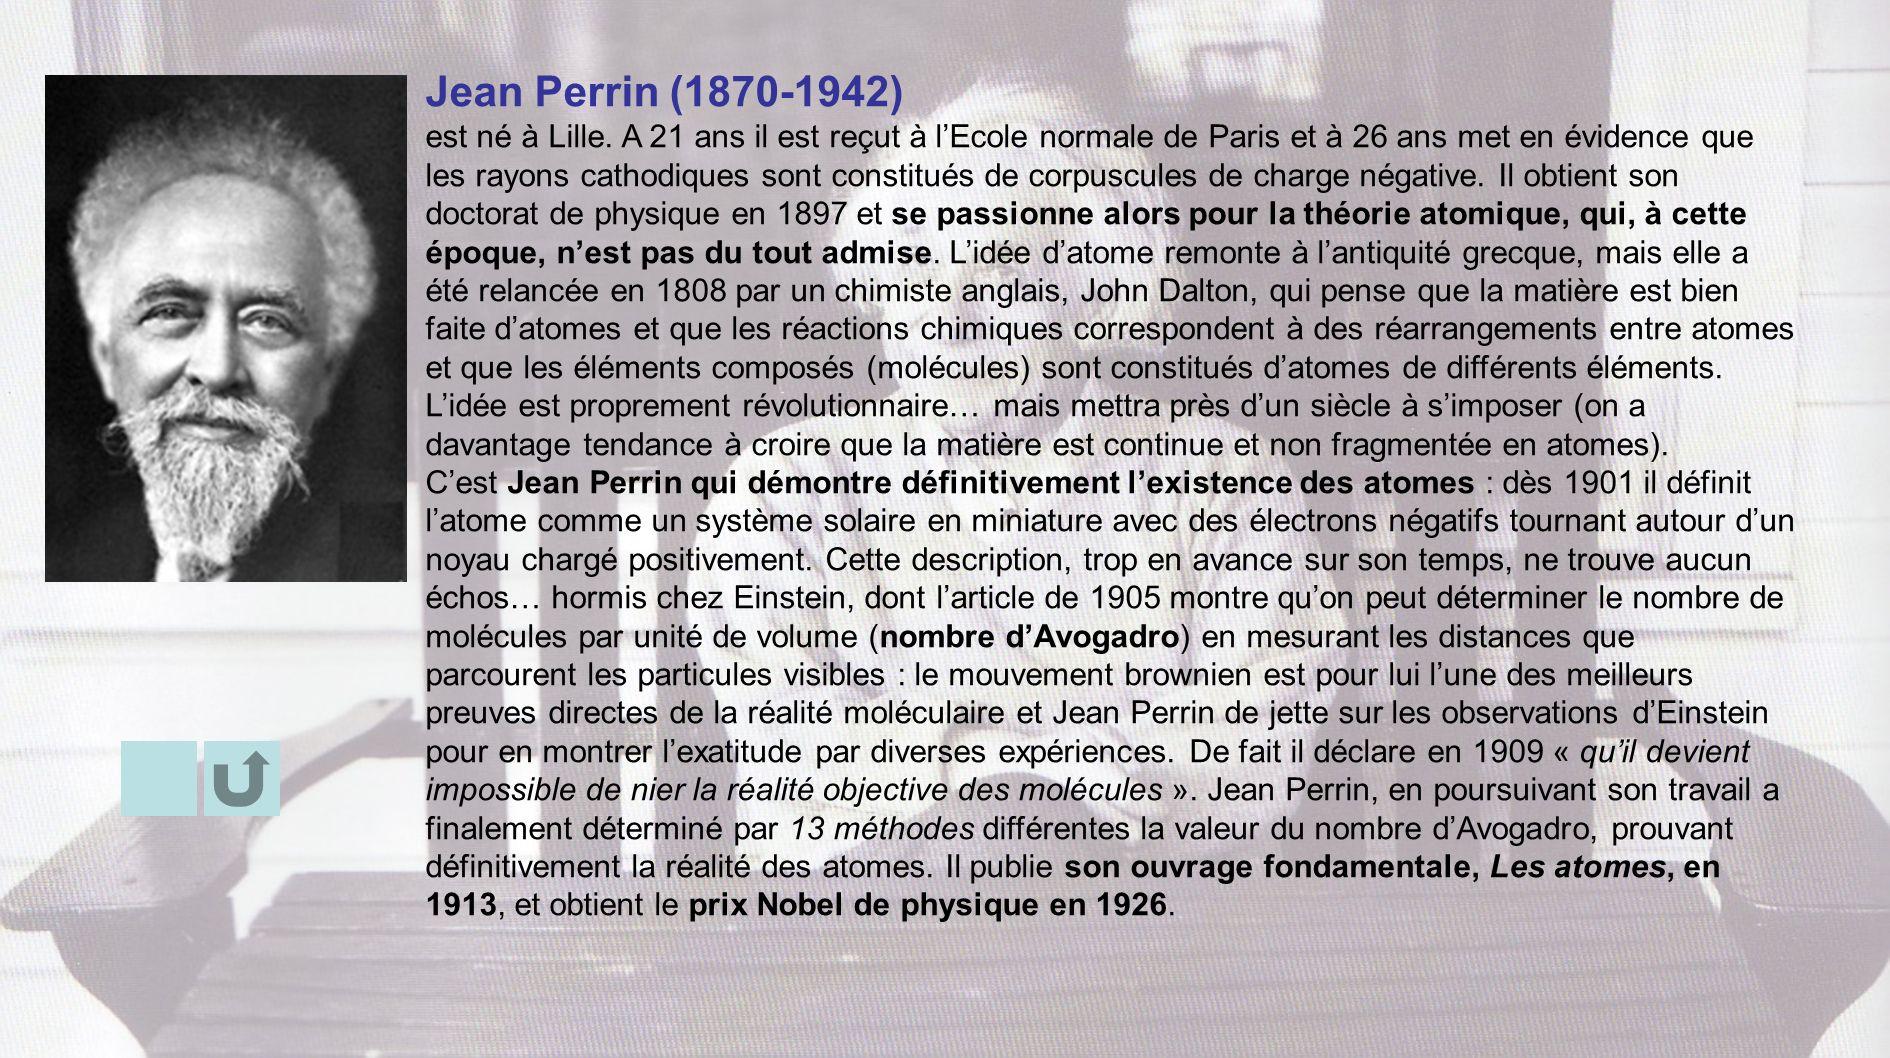 Jean Perrin (1870-1942) est né à Lille. A 21 ans il est reçut à lEcole normale de Paris et à 26 ans met en évidence que les rayons cathodiques sont co